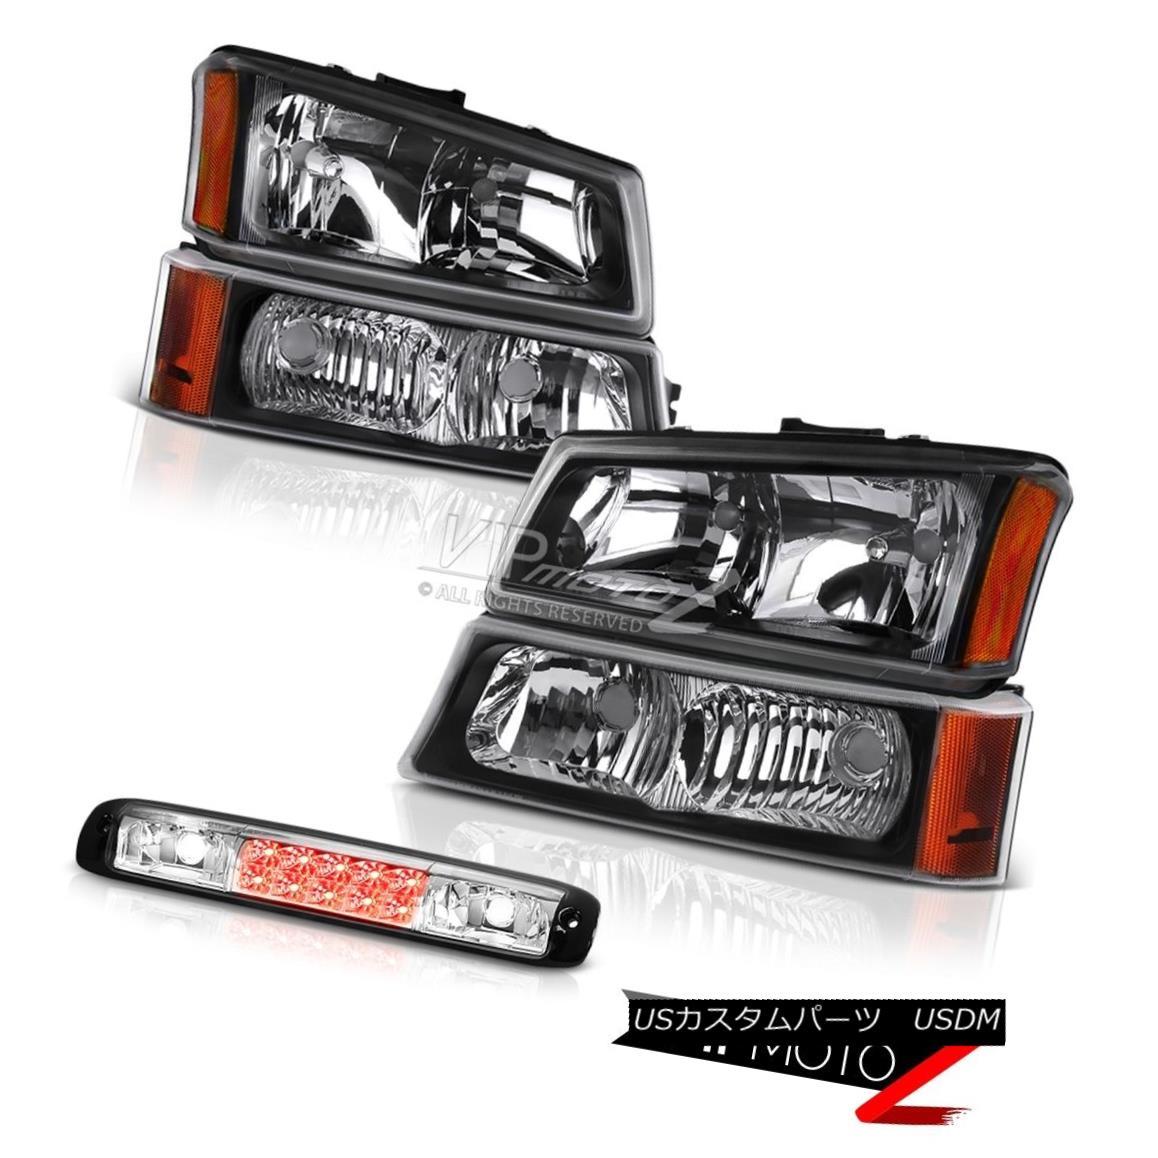 ヘッドライト 2003-2006 Silverado 1500 Euro Chrome Roof Brake Light Infinity Black Headlamps 2003-2006 Silverado 1500ユーロクロームルーフブレーキライトインフィニティブラックヘッドランプ